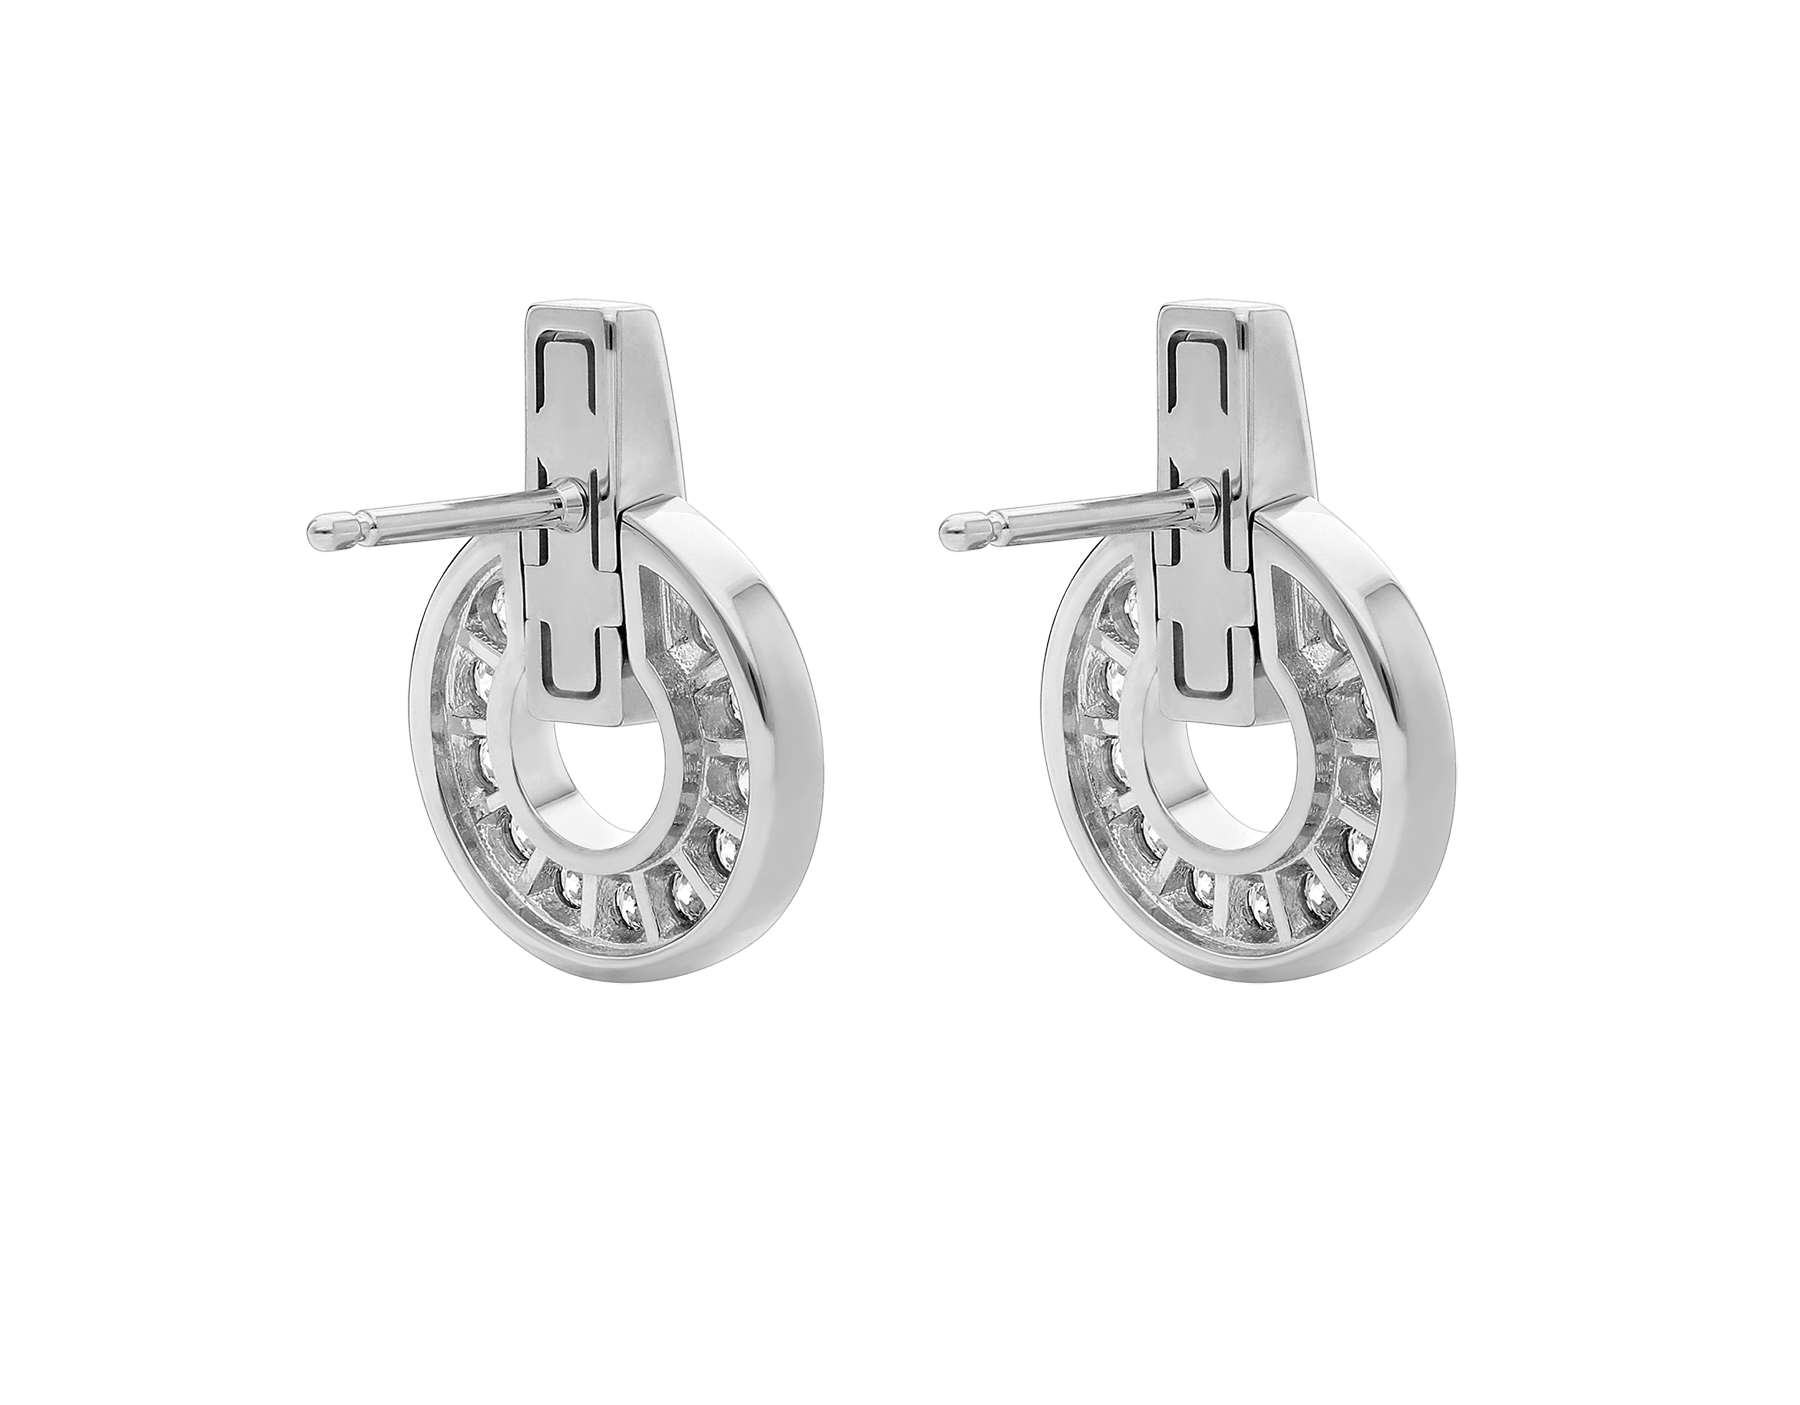 Boucles d'oreilles ajourées BVLGARIBVLGARI en or blanc 18K avec pavé diamants 357940 image 3